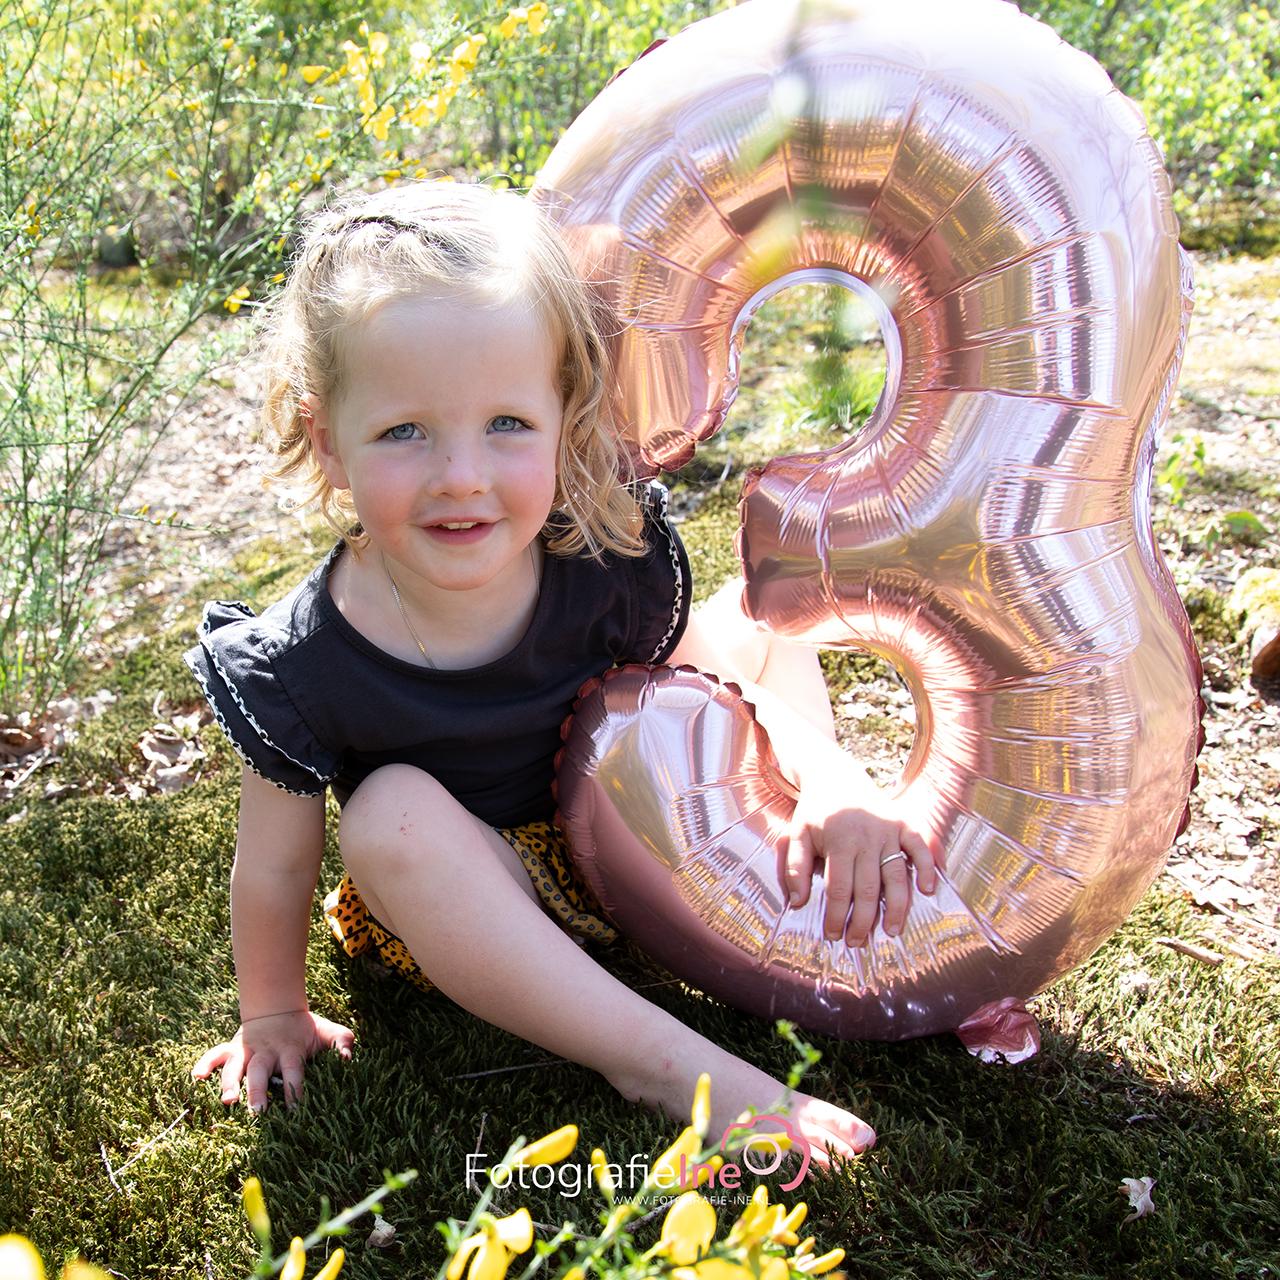 Fotografie Ine Verjaardag shoot 3 jaar Fleur van der Velden